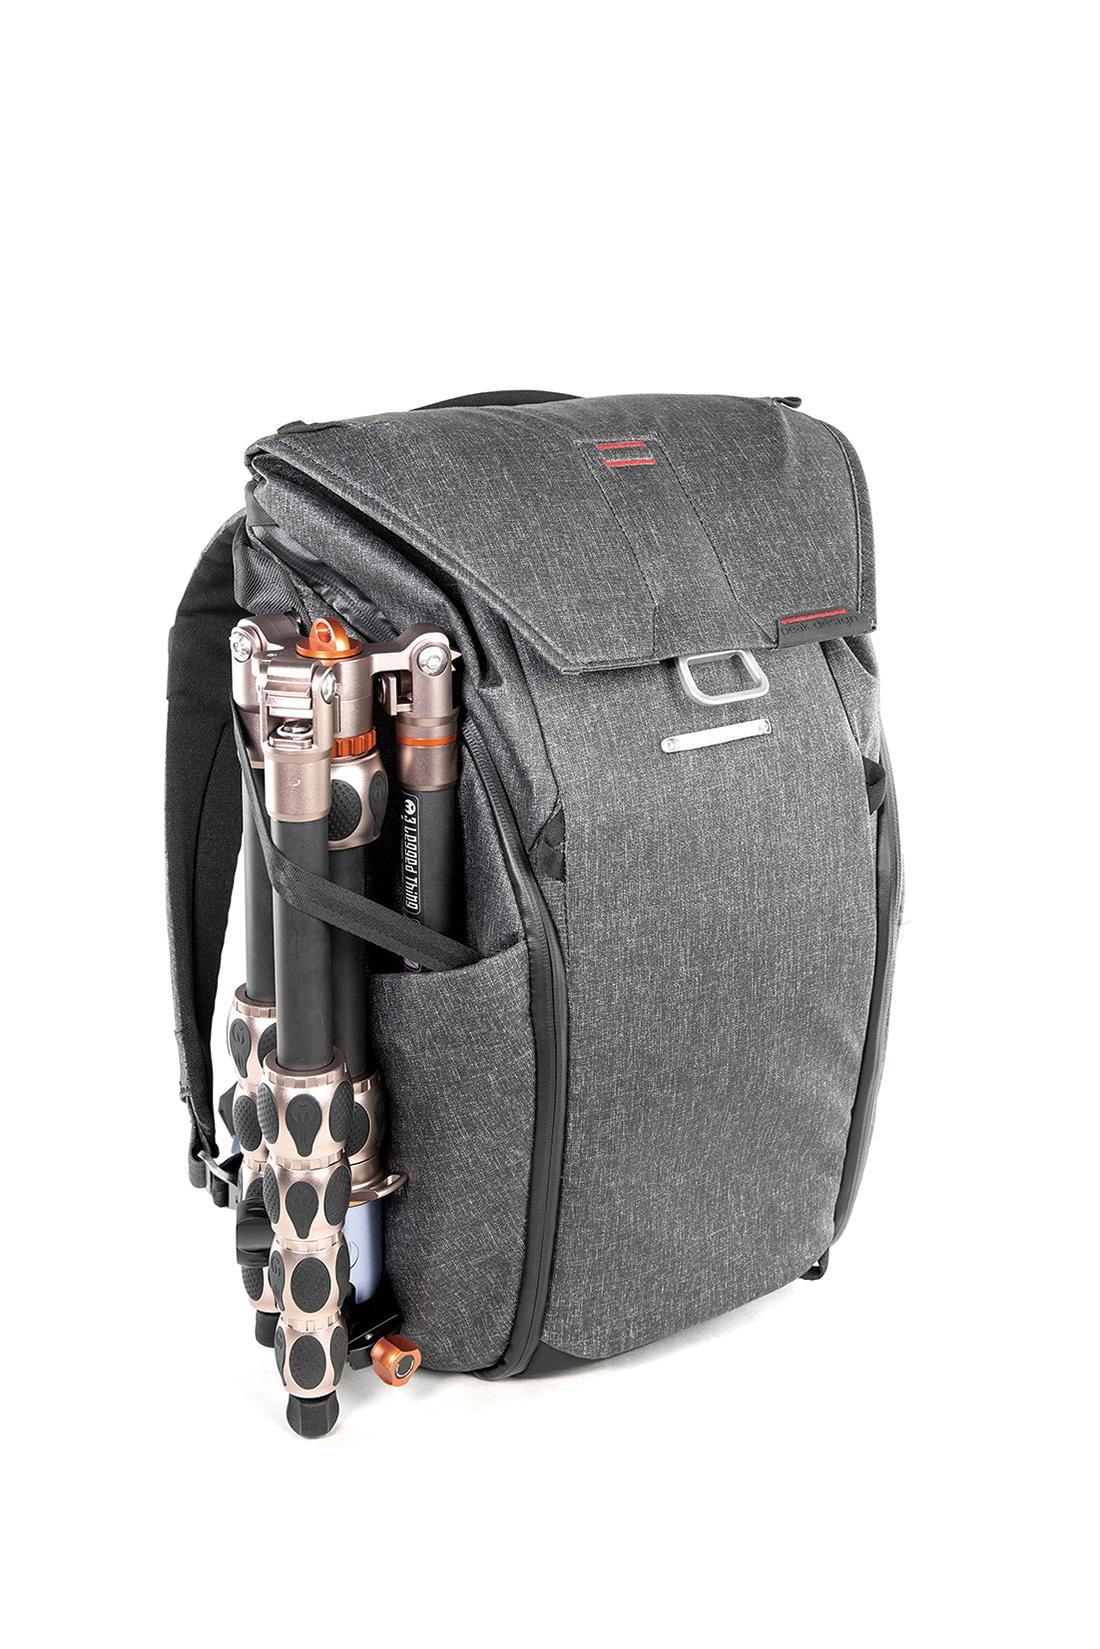 everydaybackpack